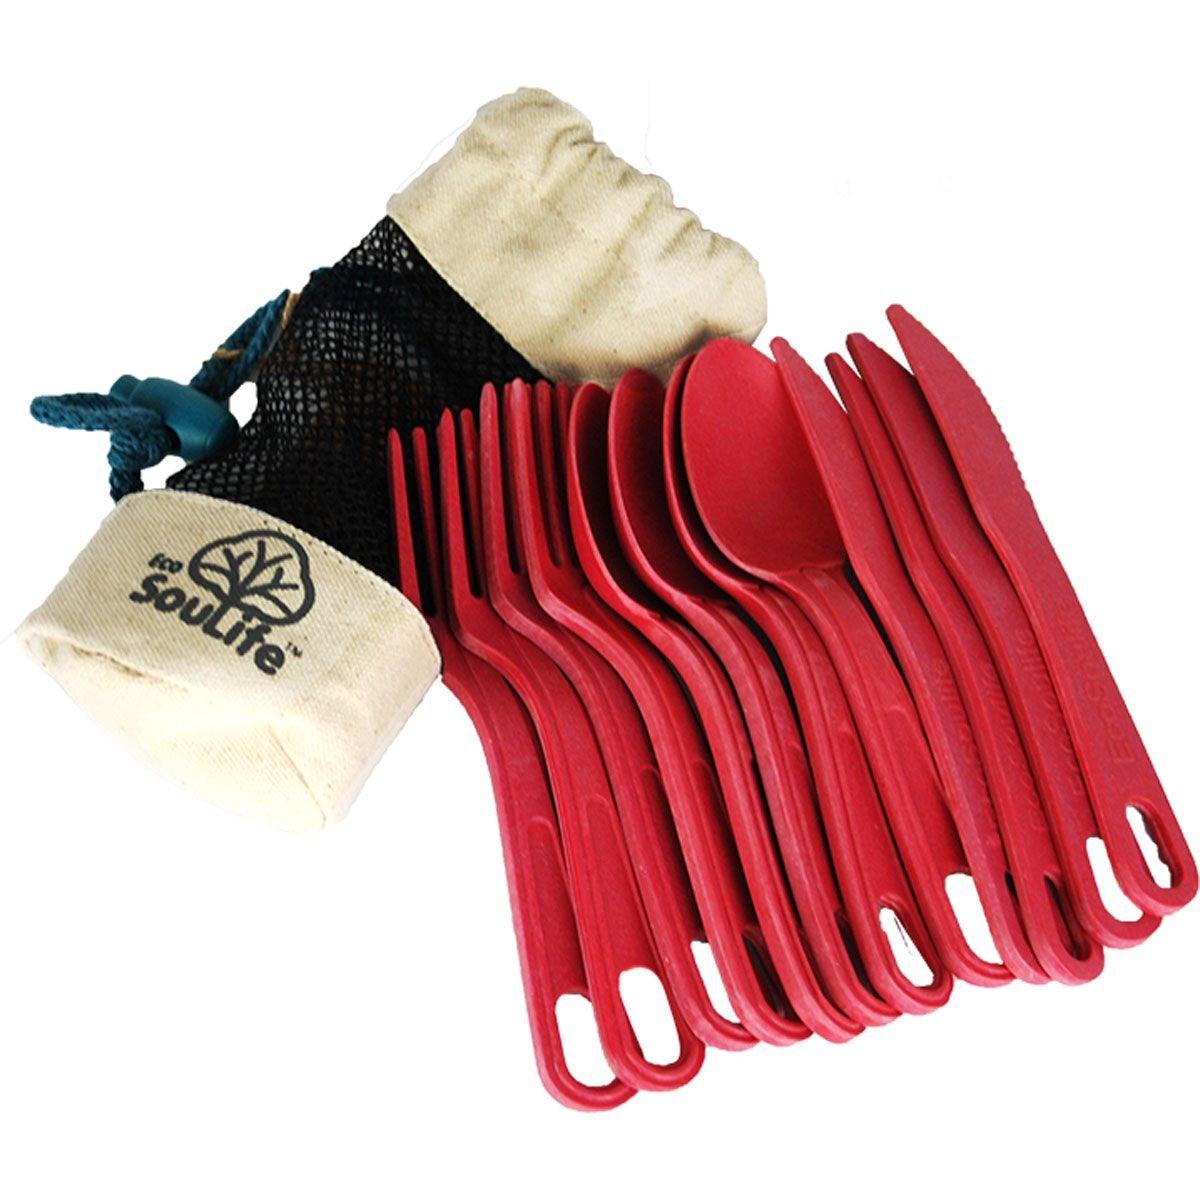 Ecosoulife Campinggeschirr Besteckset 12-teilig mit Tasche 14794